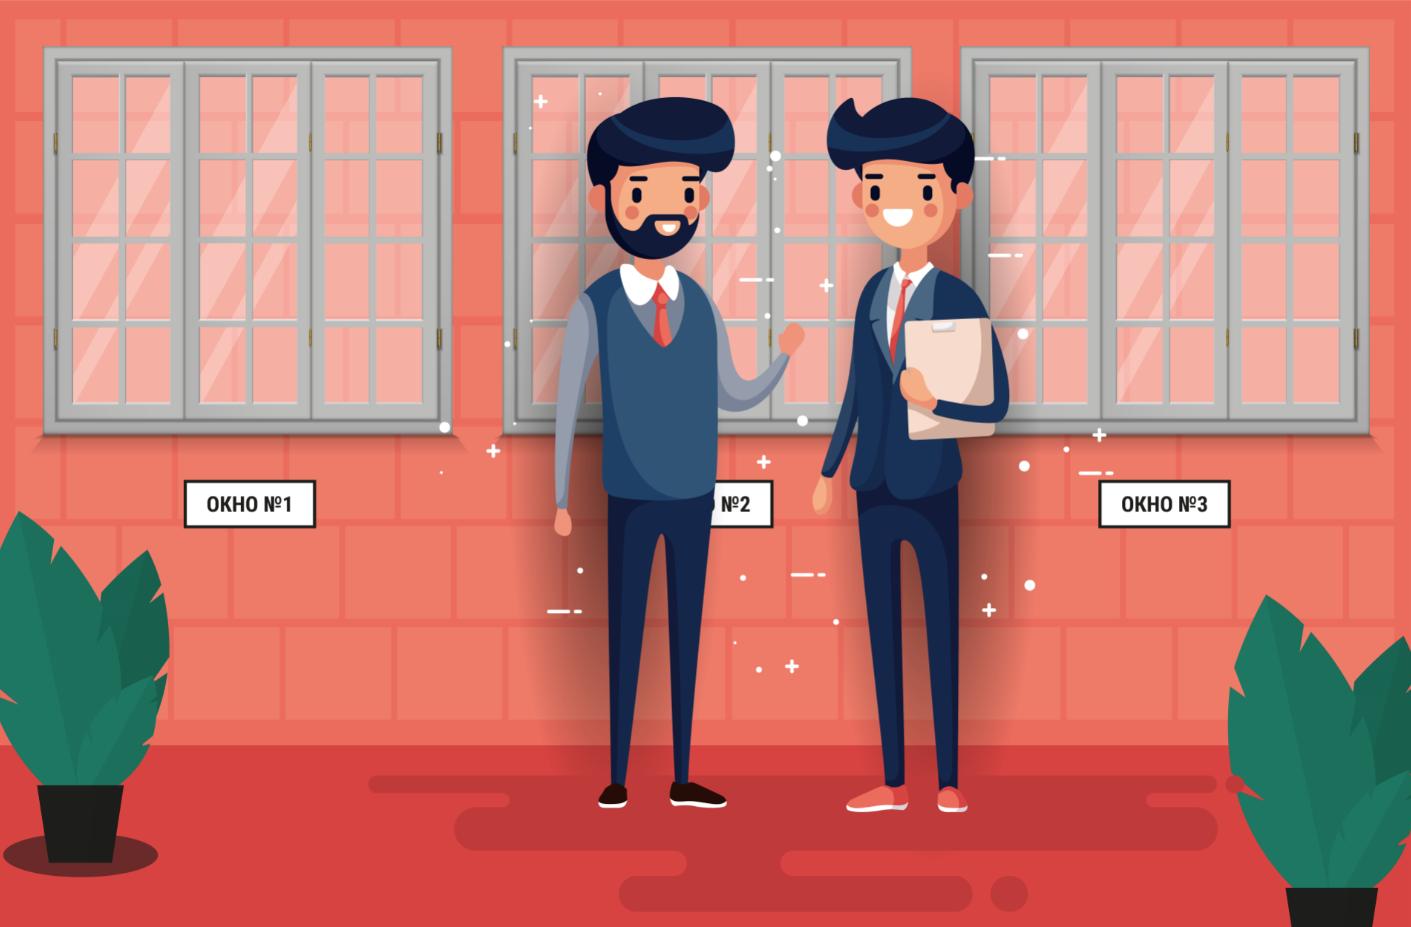 Менеджеры оконной компании показывают качественный сервис